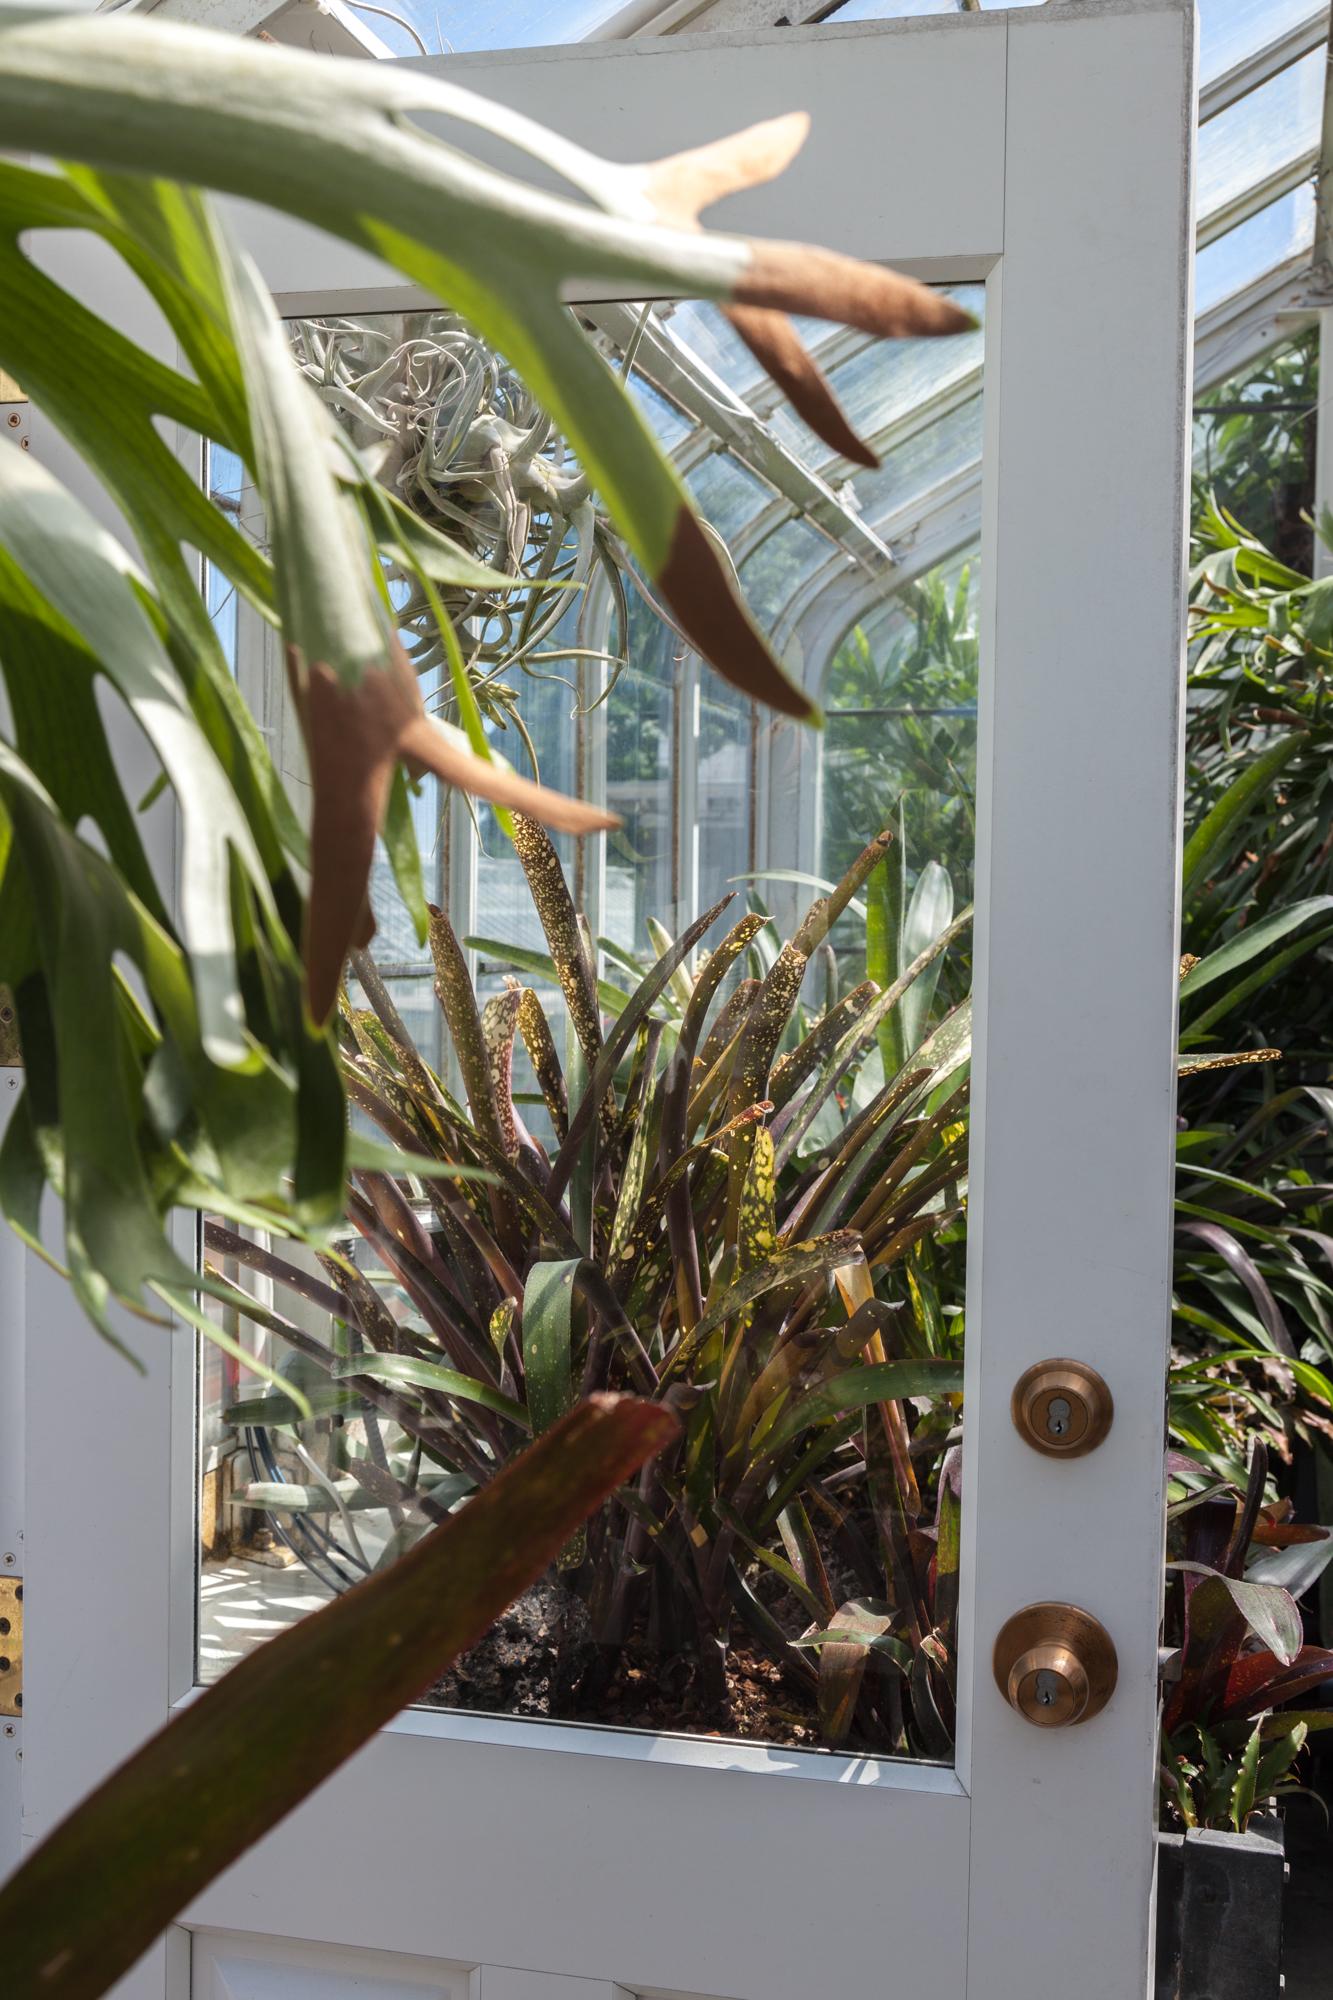 staghorn-fern-bromeliads.jpg